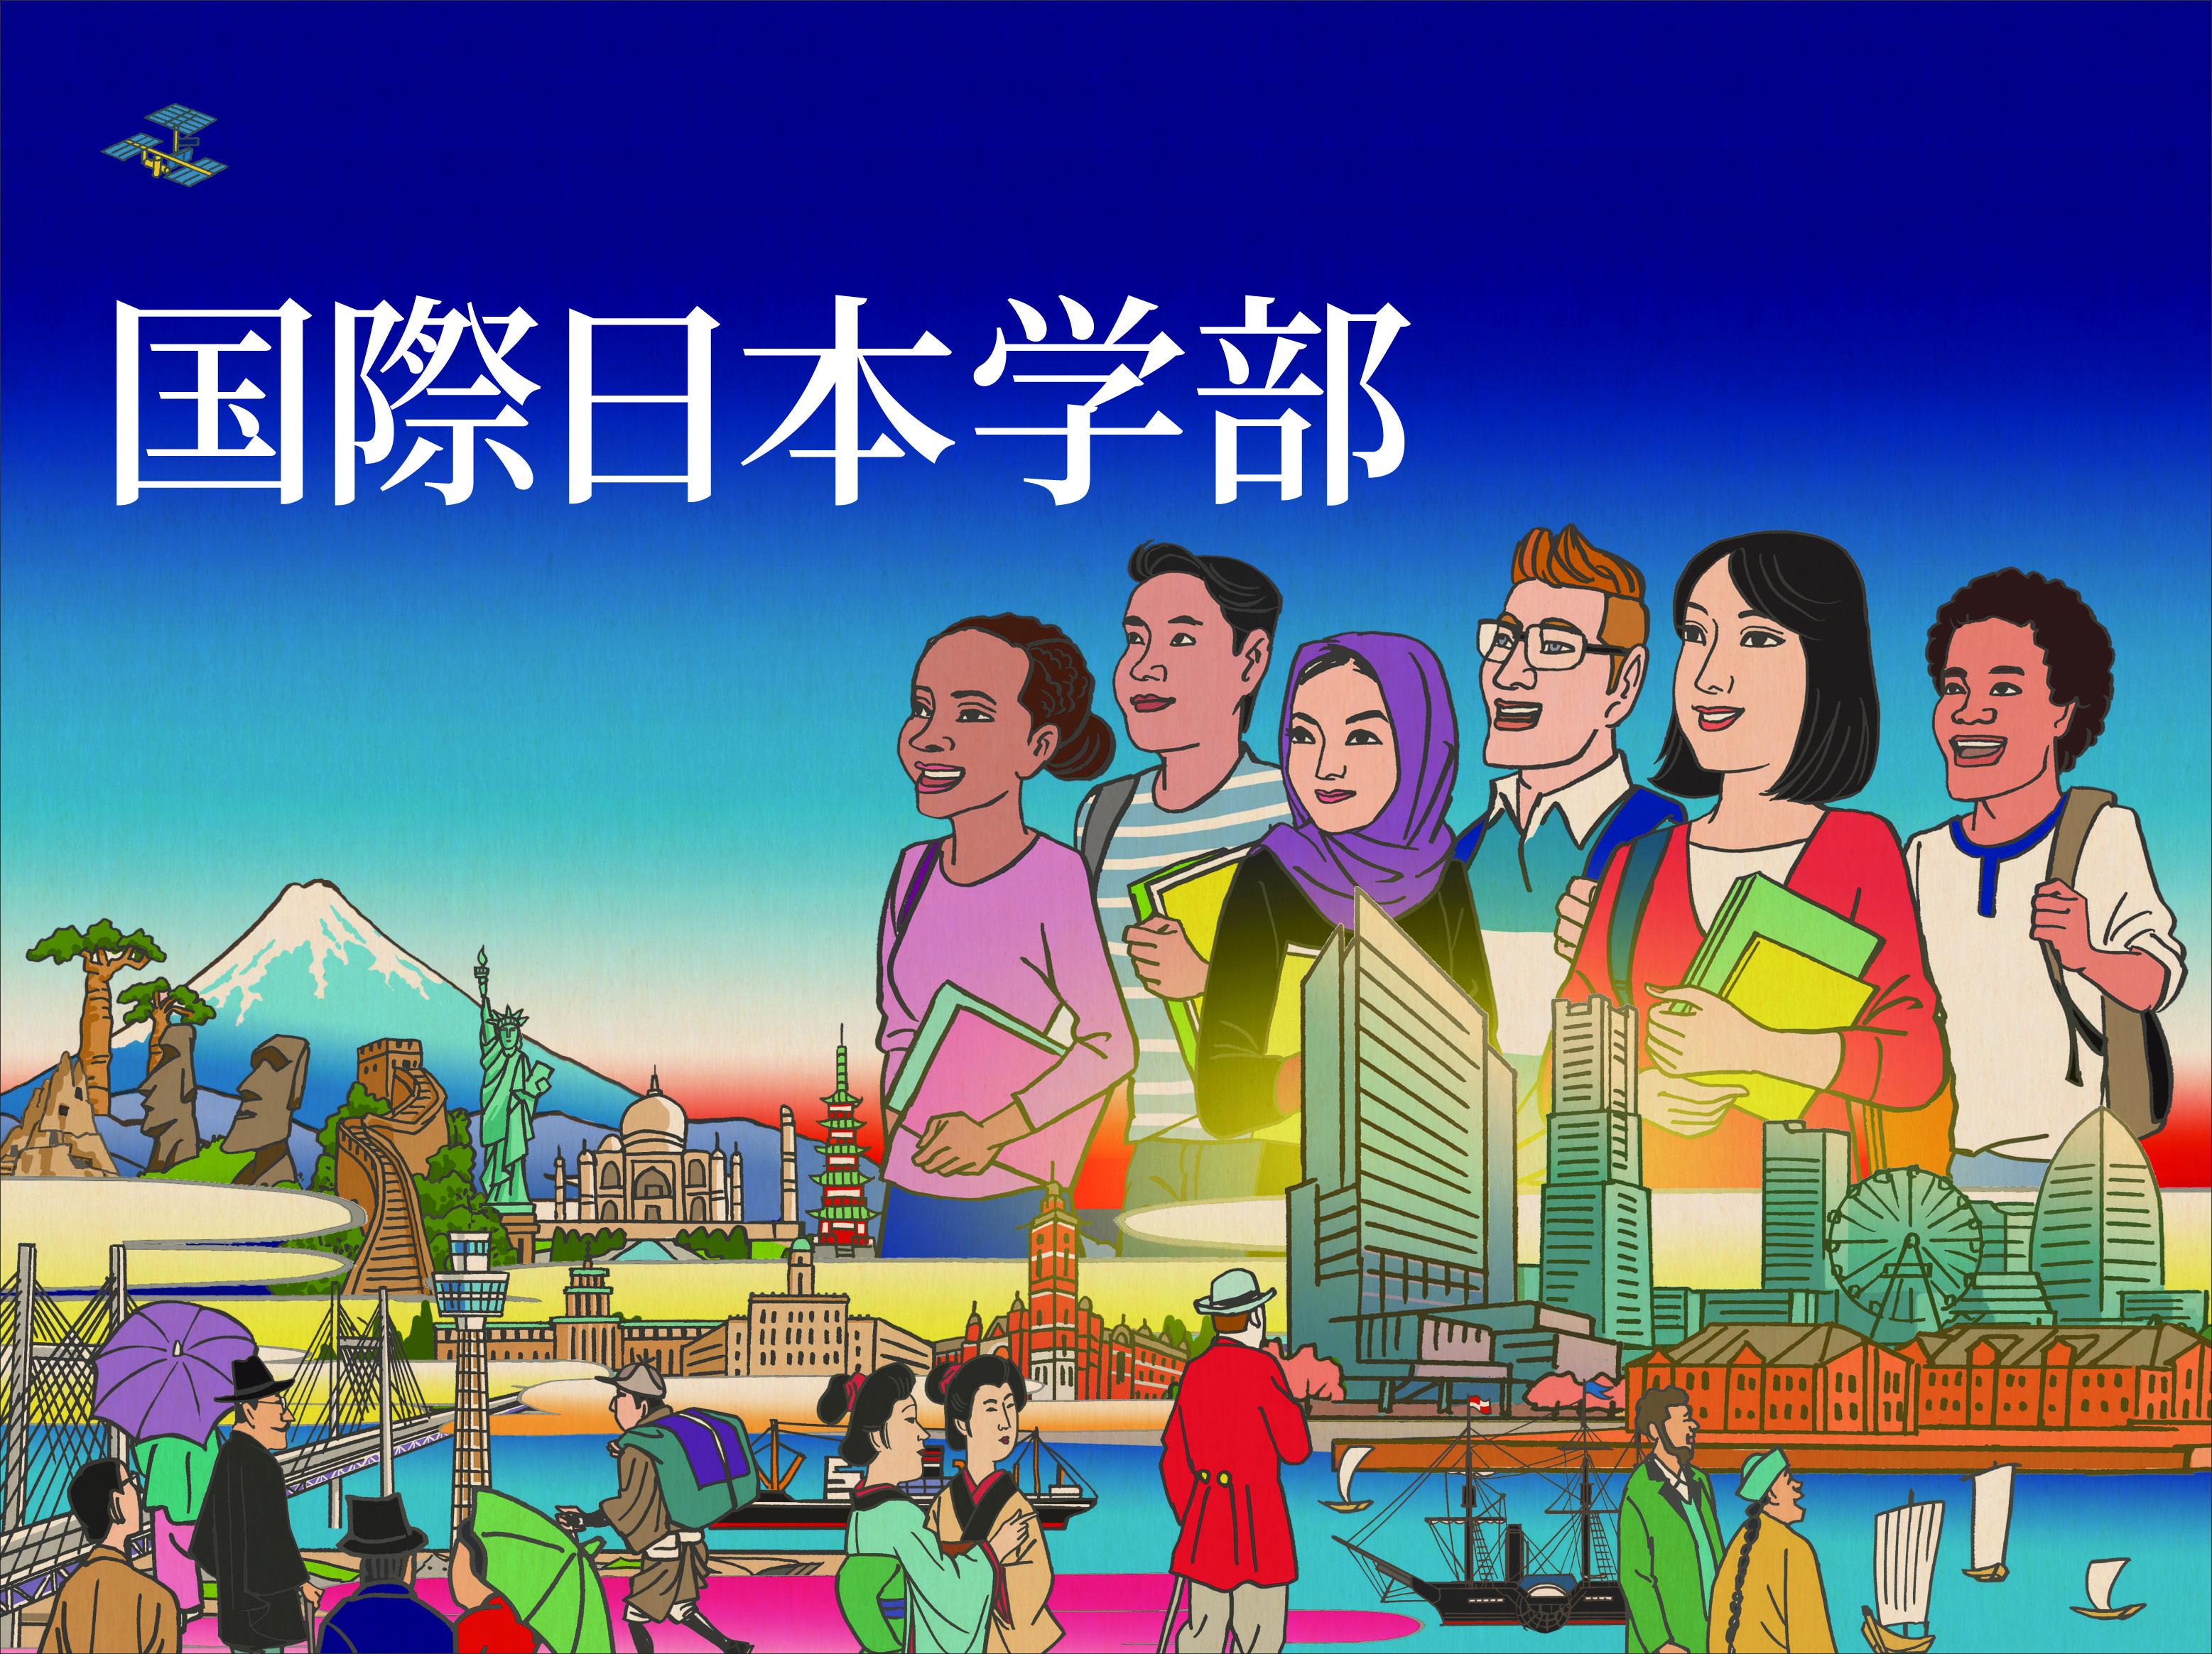 神奈川大学「国際日本学部」開設記念講演会 「世界」「日本」「地域」の架け橋に~国際人を目指す君たちへ~ を10/19(土)に開催。